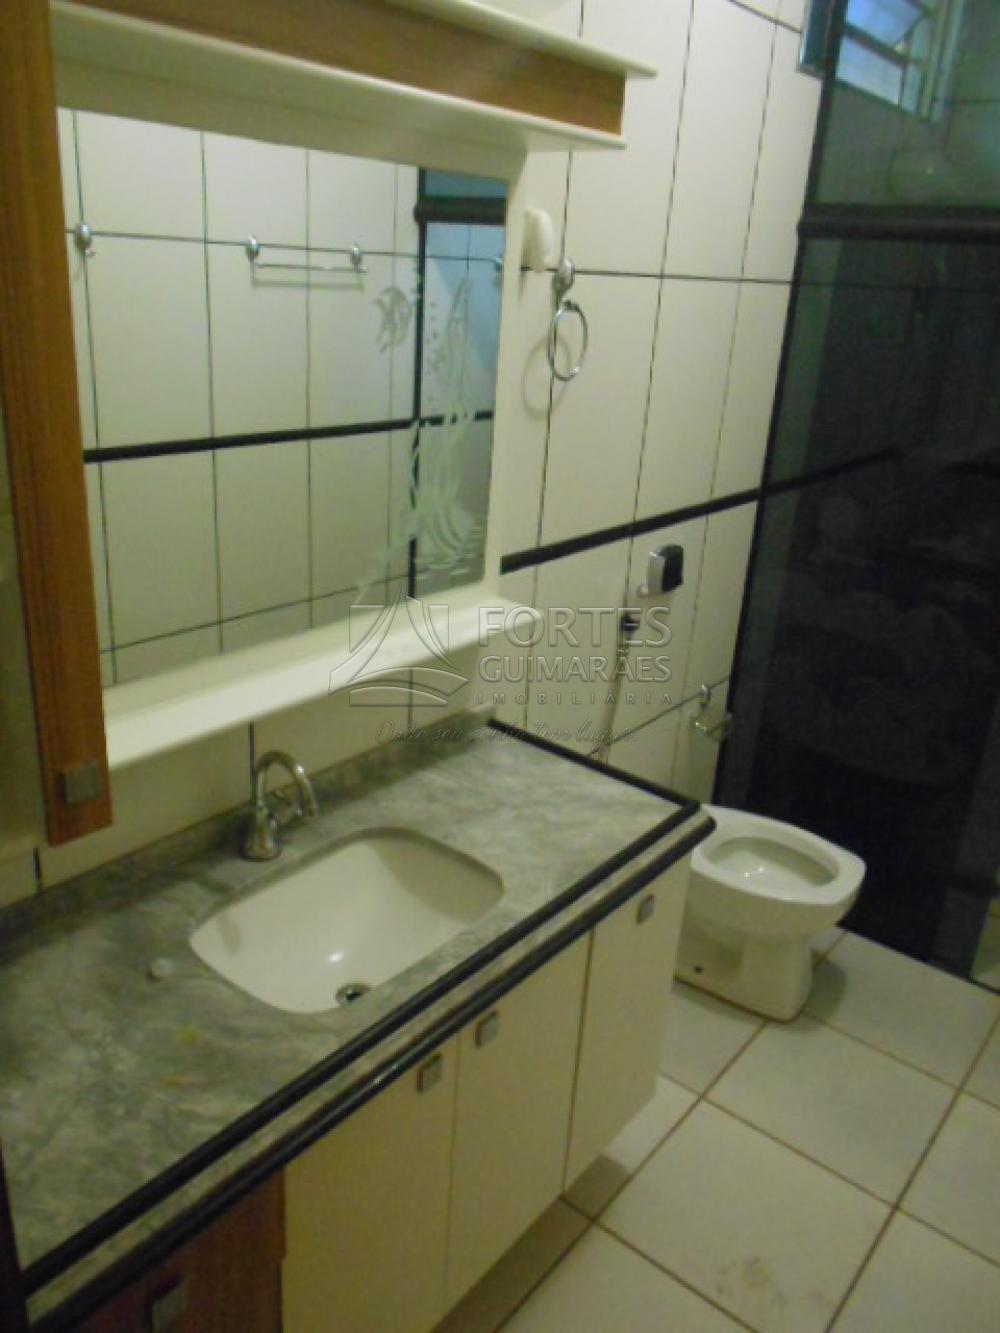 Alugar Casas / Padrão em Ribeirão Preto apenas R$ 1.500,00 - Foto 29